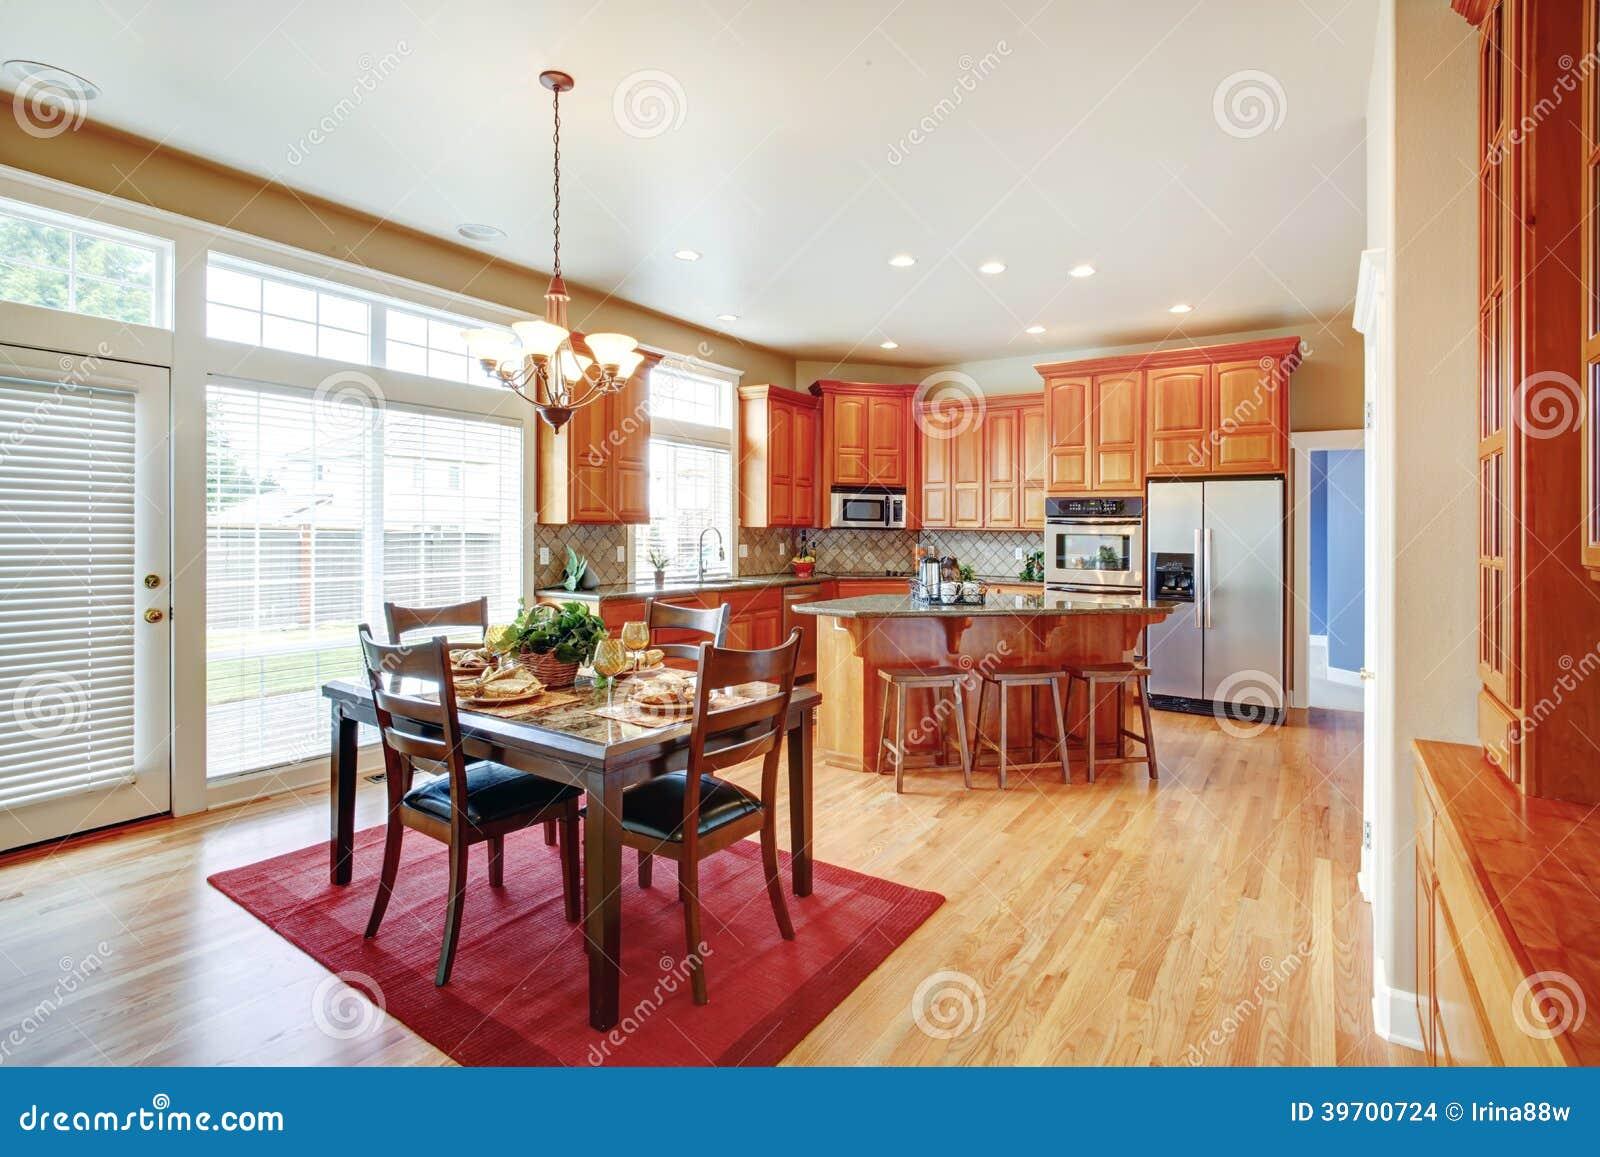 Cozinha Compacta Com Ilha Para Refeic Es Beyato Com V Rios